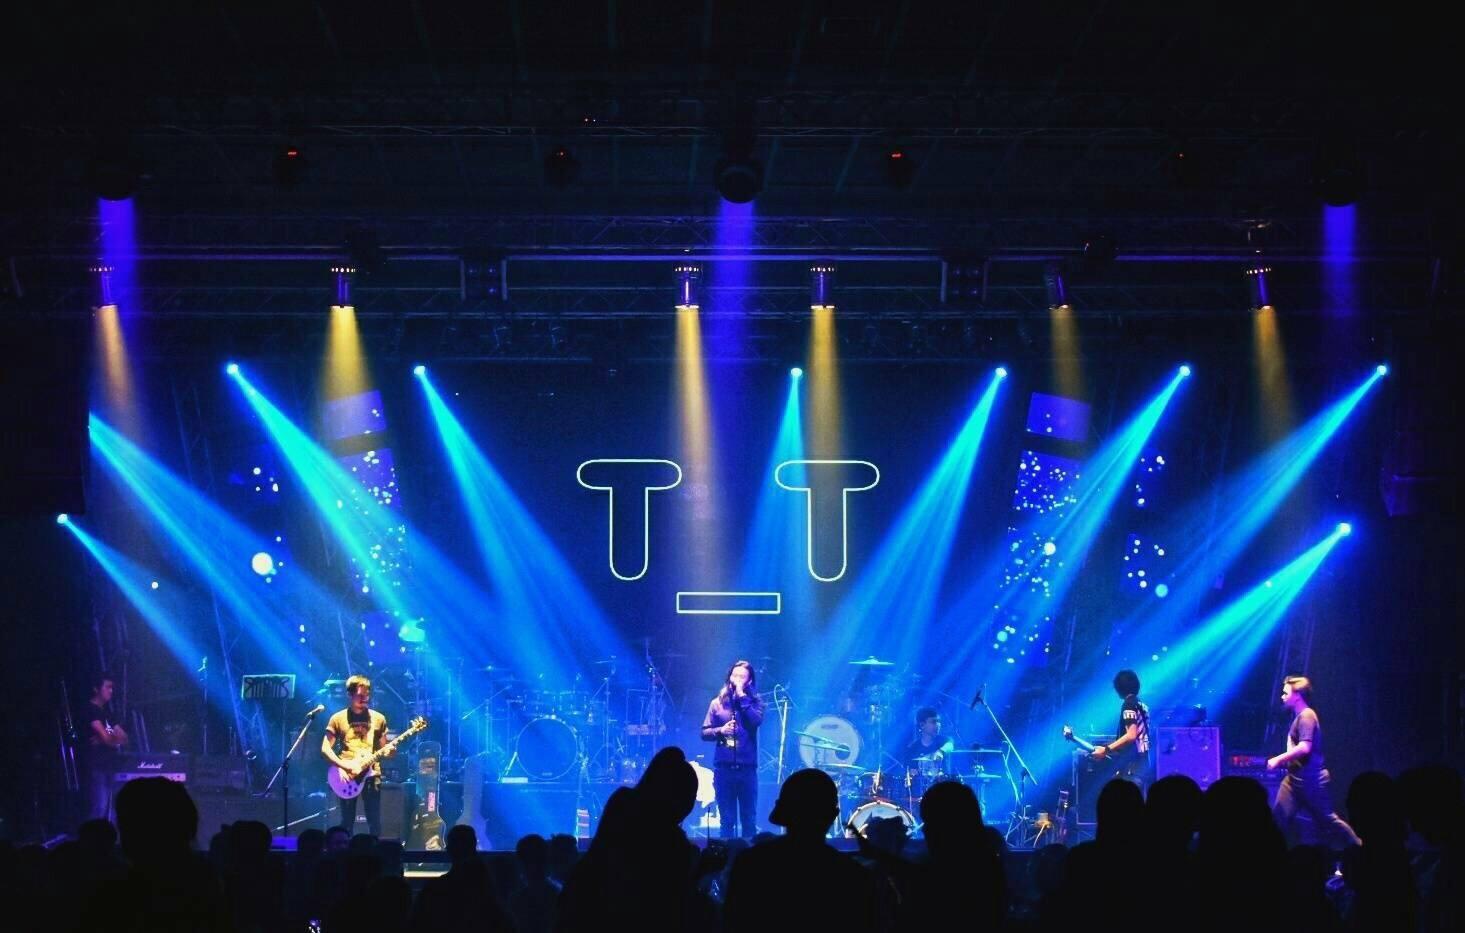 เก็บตกภาพบรรยากาศ ทีที(T_T) ไปเล่นคอนเสิร์ตที่ร้าน Believe จังหวัดขอนแก่น